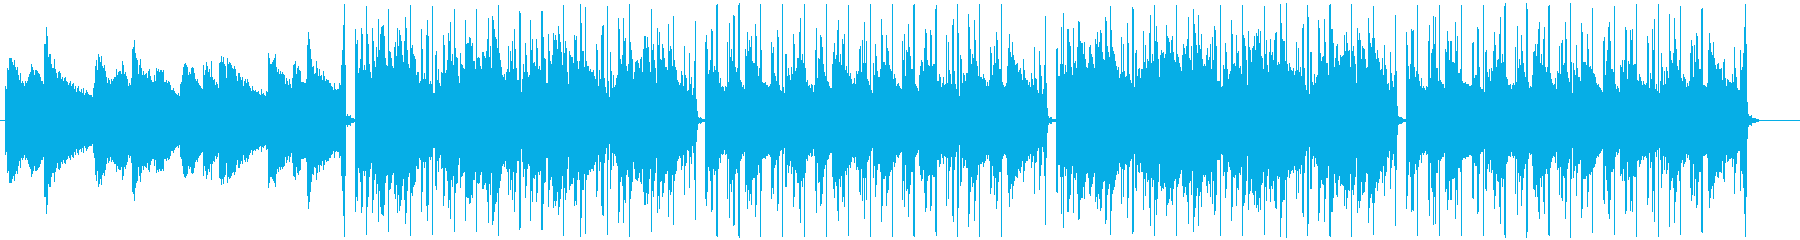 幻想的でメロウなLofi-Hiphopの再生済みの波形